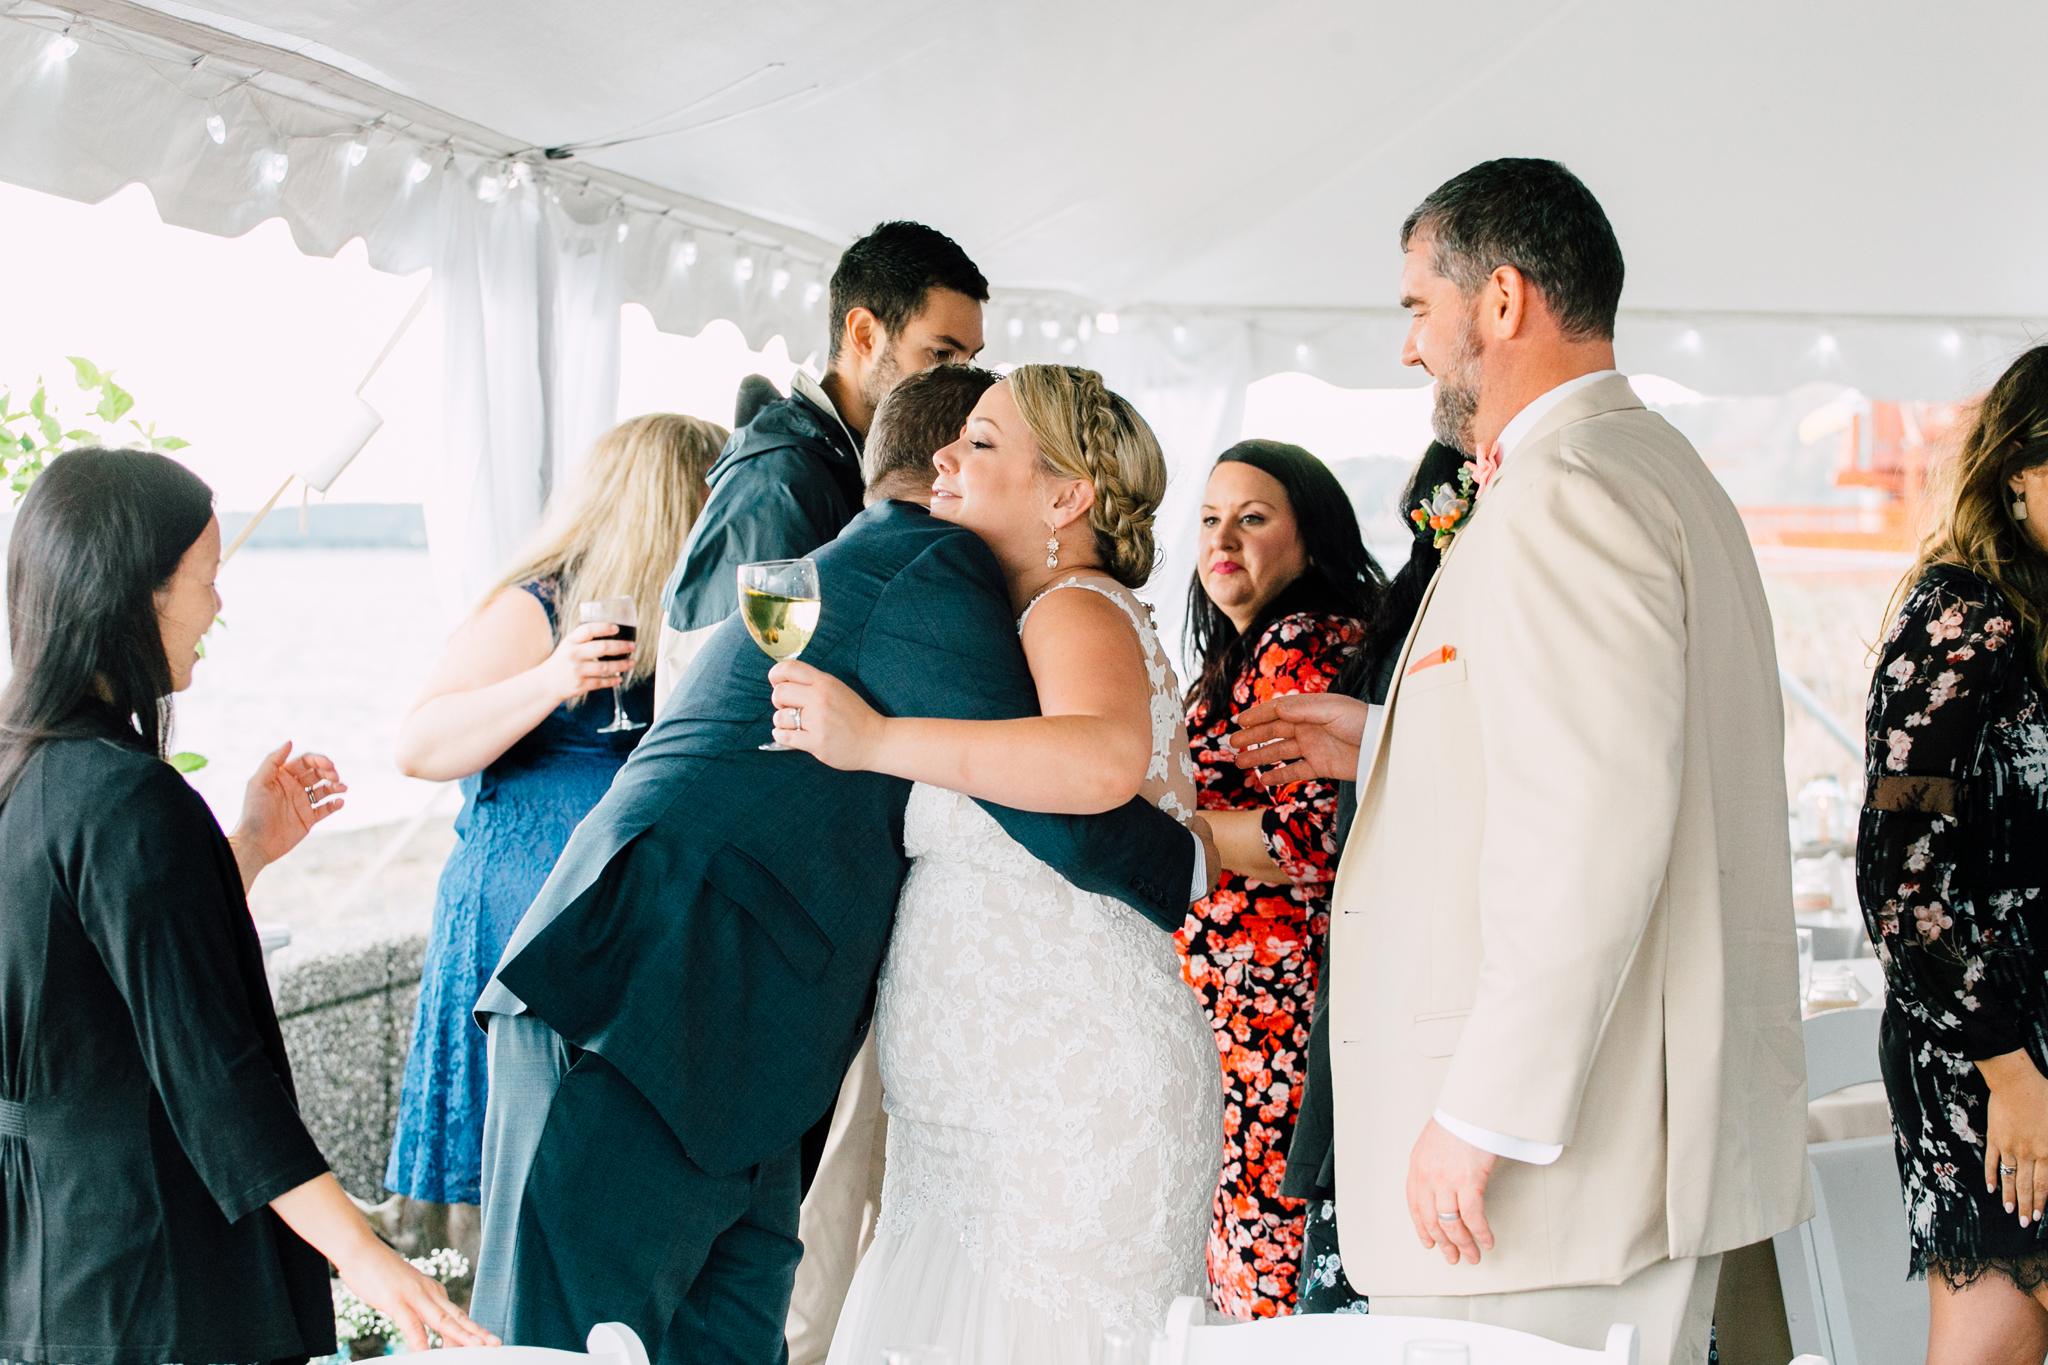 074-bellingham-wedding-photographer-beach-katheryn-moran-elisa-phillip.jpg